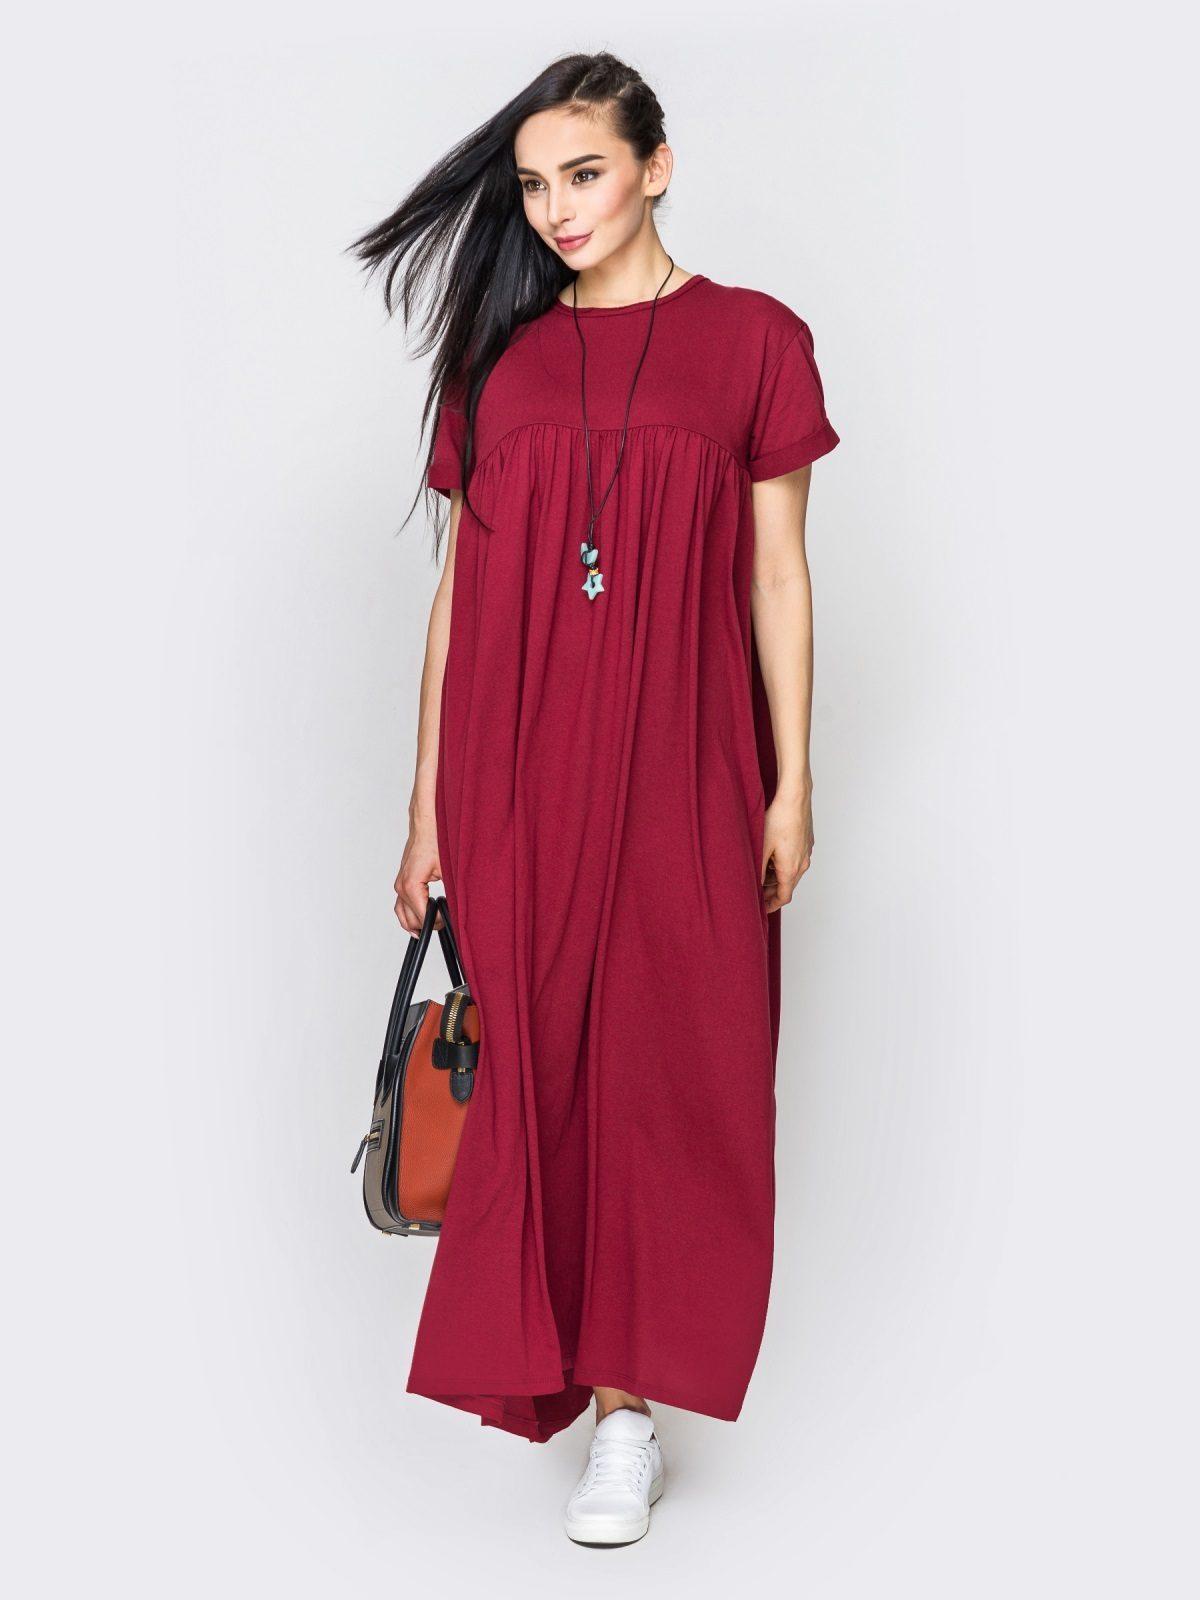 55af4a916f7 Модные трикотажные платья  100+ стильных идей